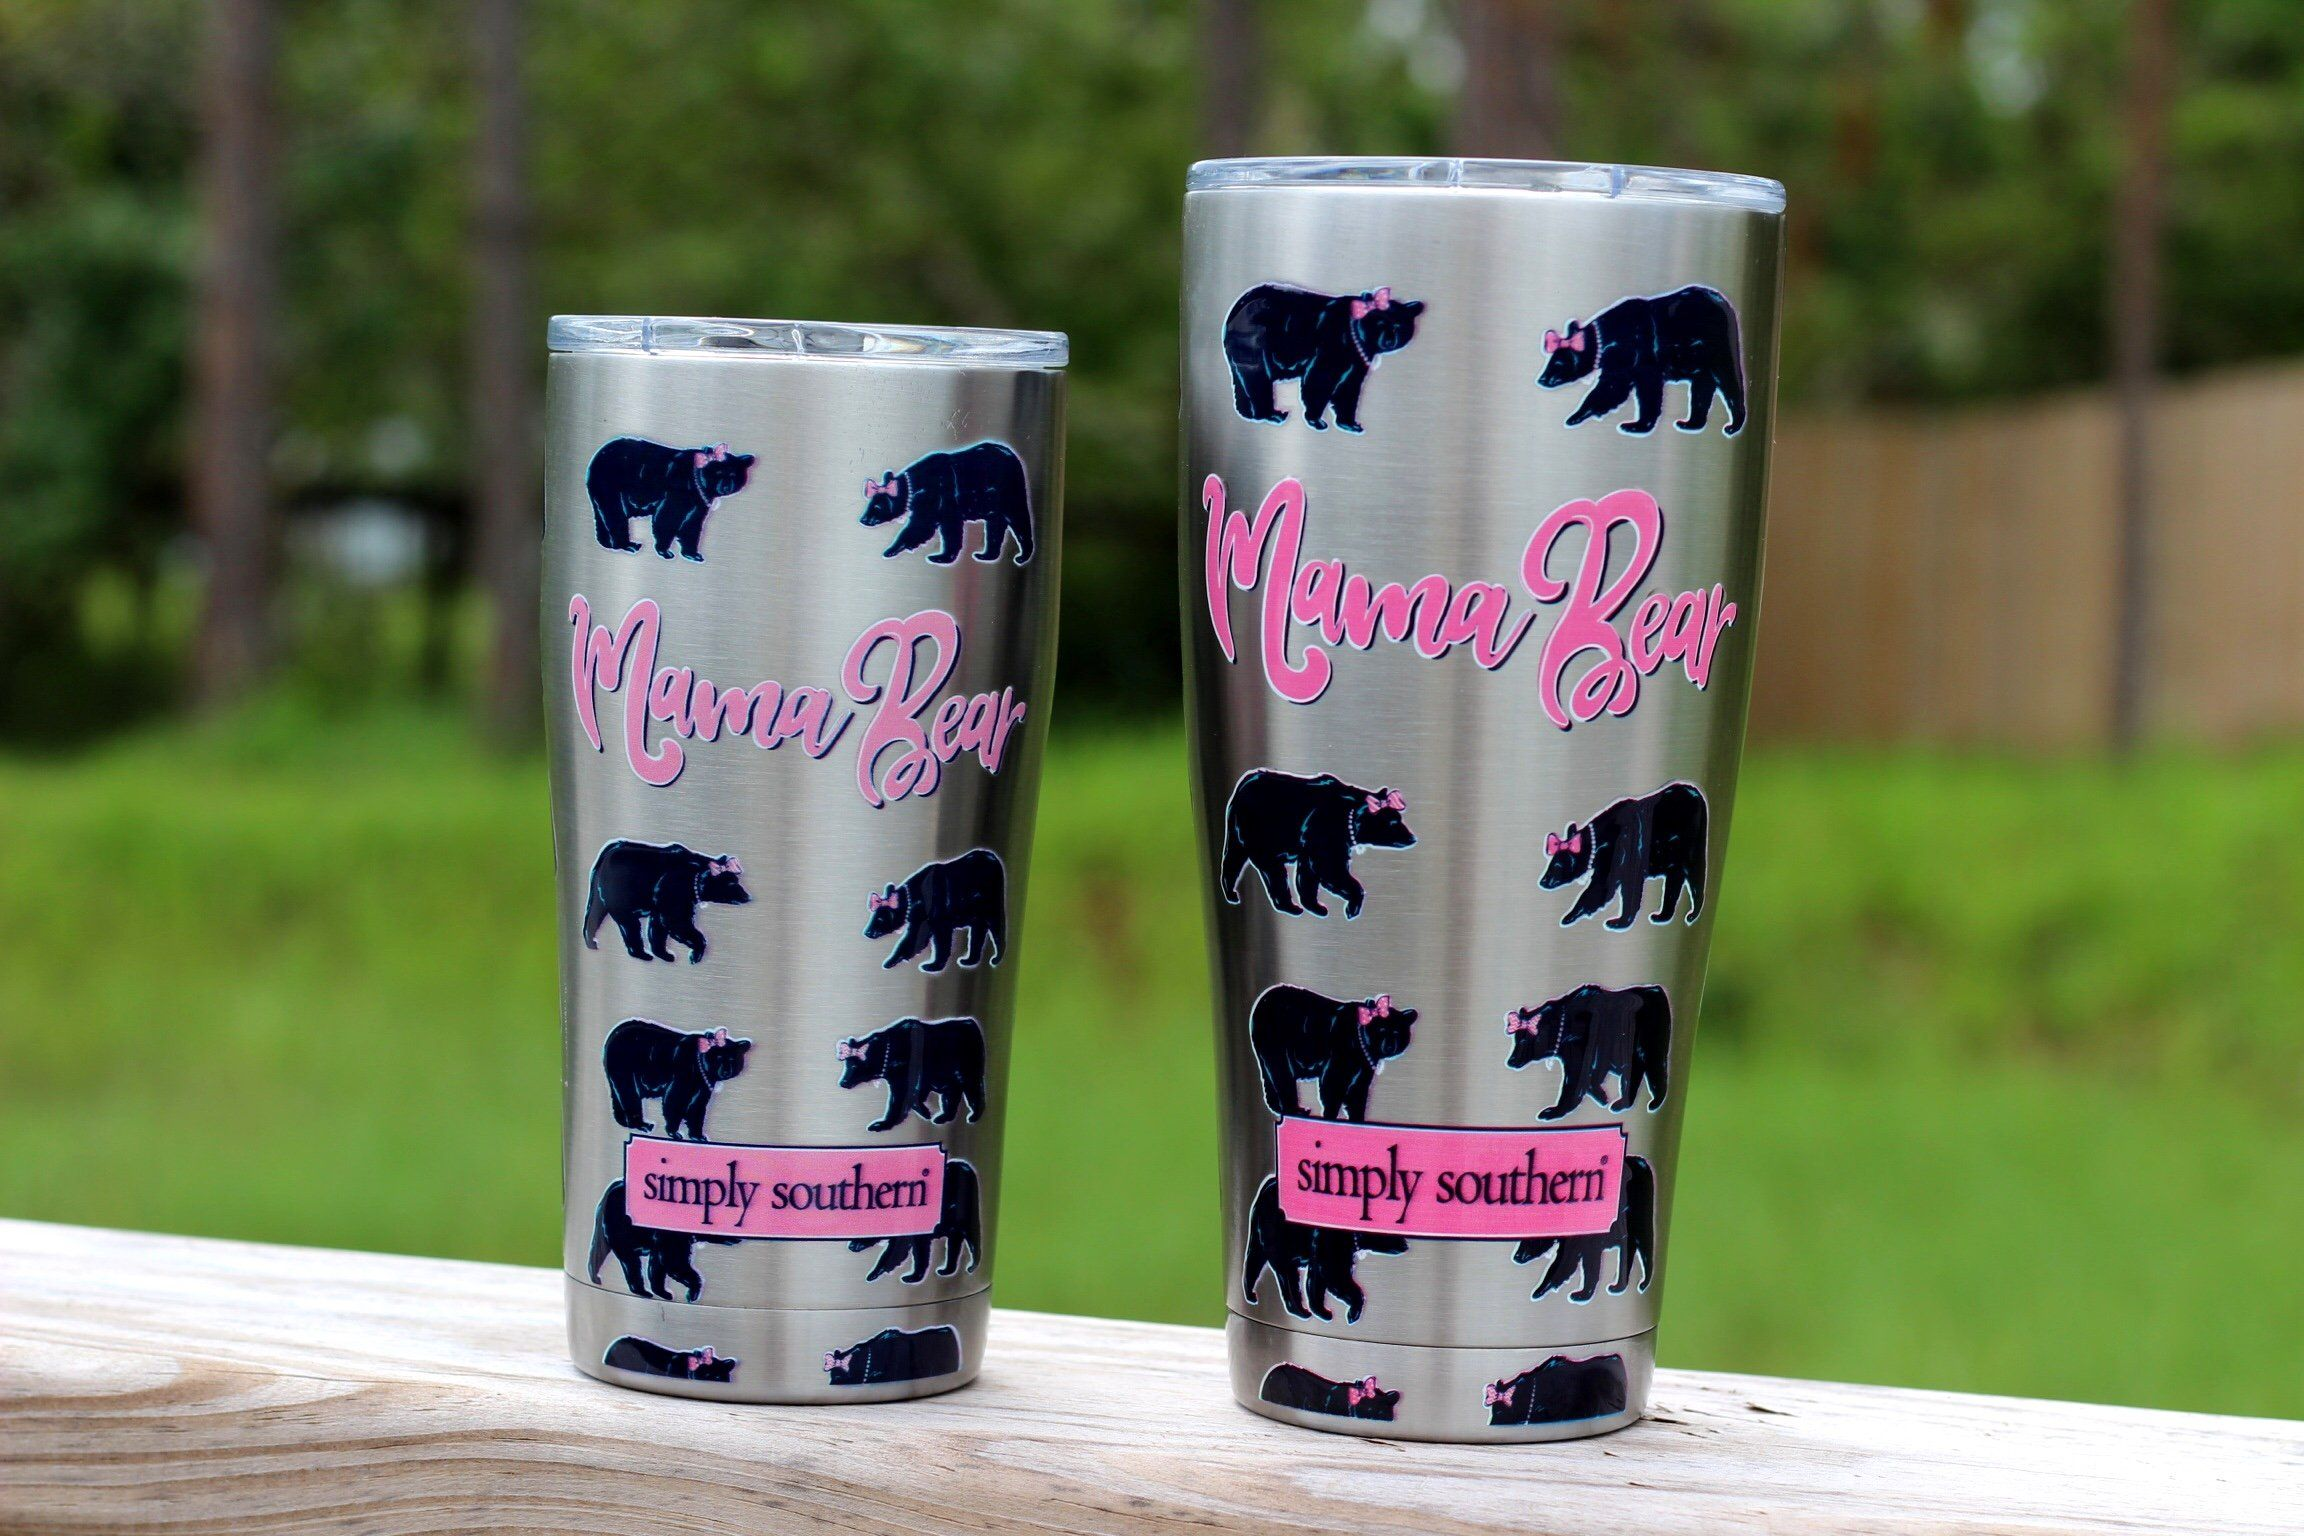 Pagina Porno Culonder simply southern coffee mugs set of 2